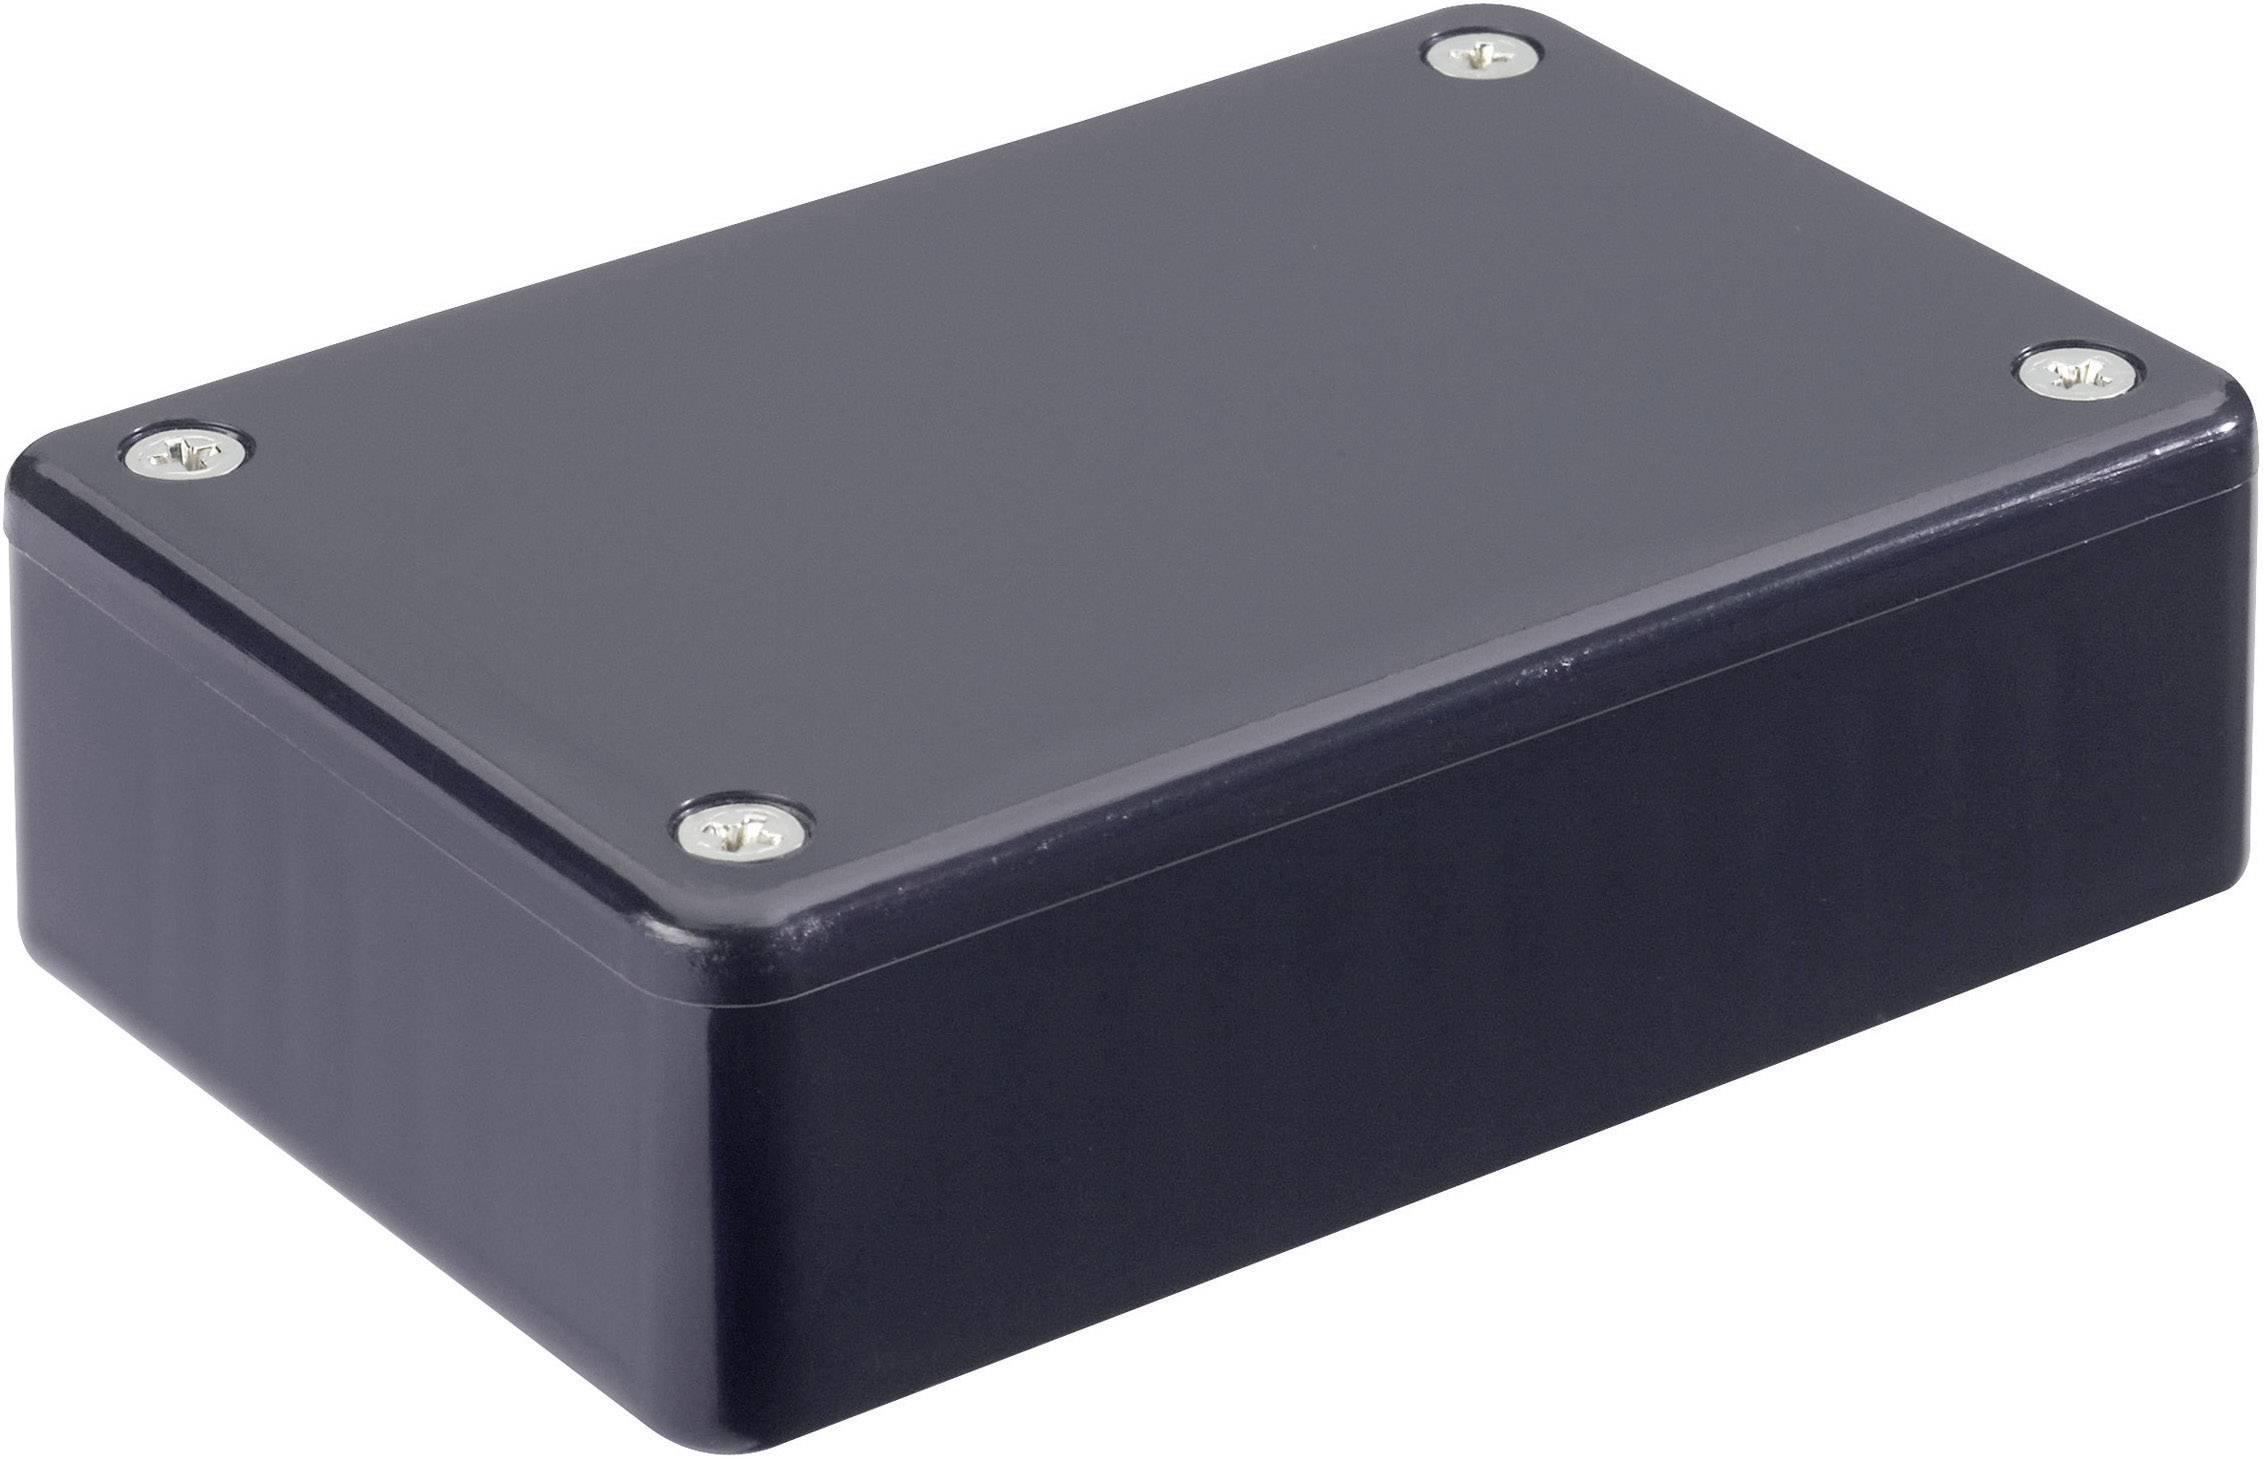 Euro krabice Hammond Electronics 1591MBK 1591MBK, 85 x 56 x 25 , ABS, čierna, 1 ks